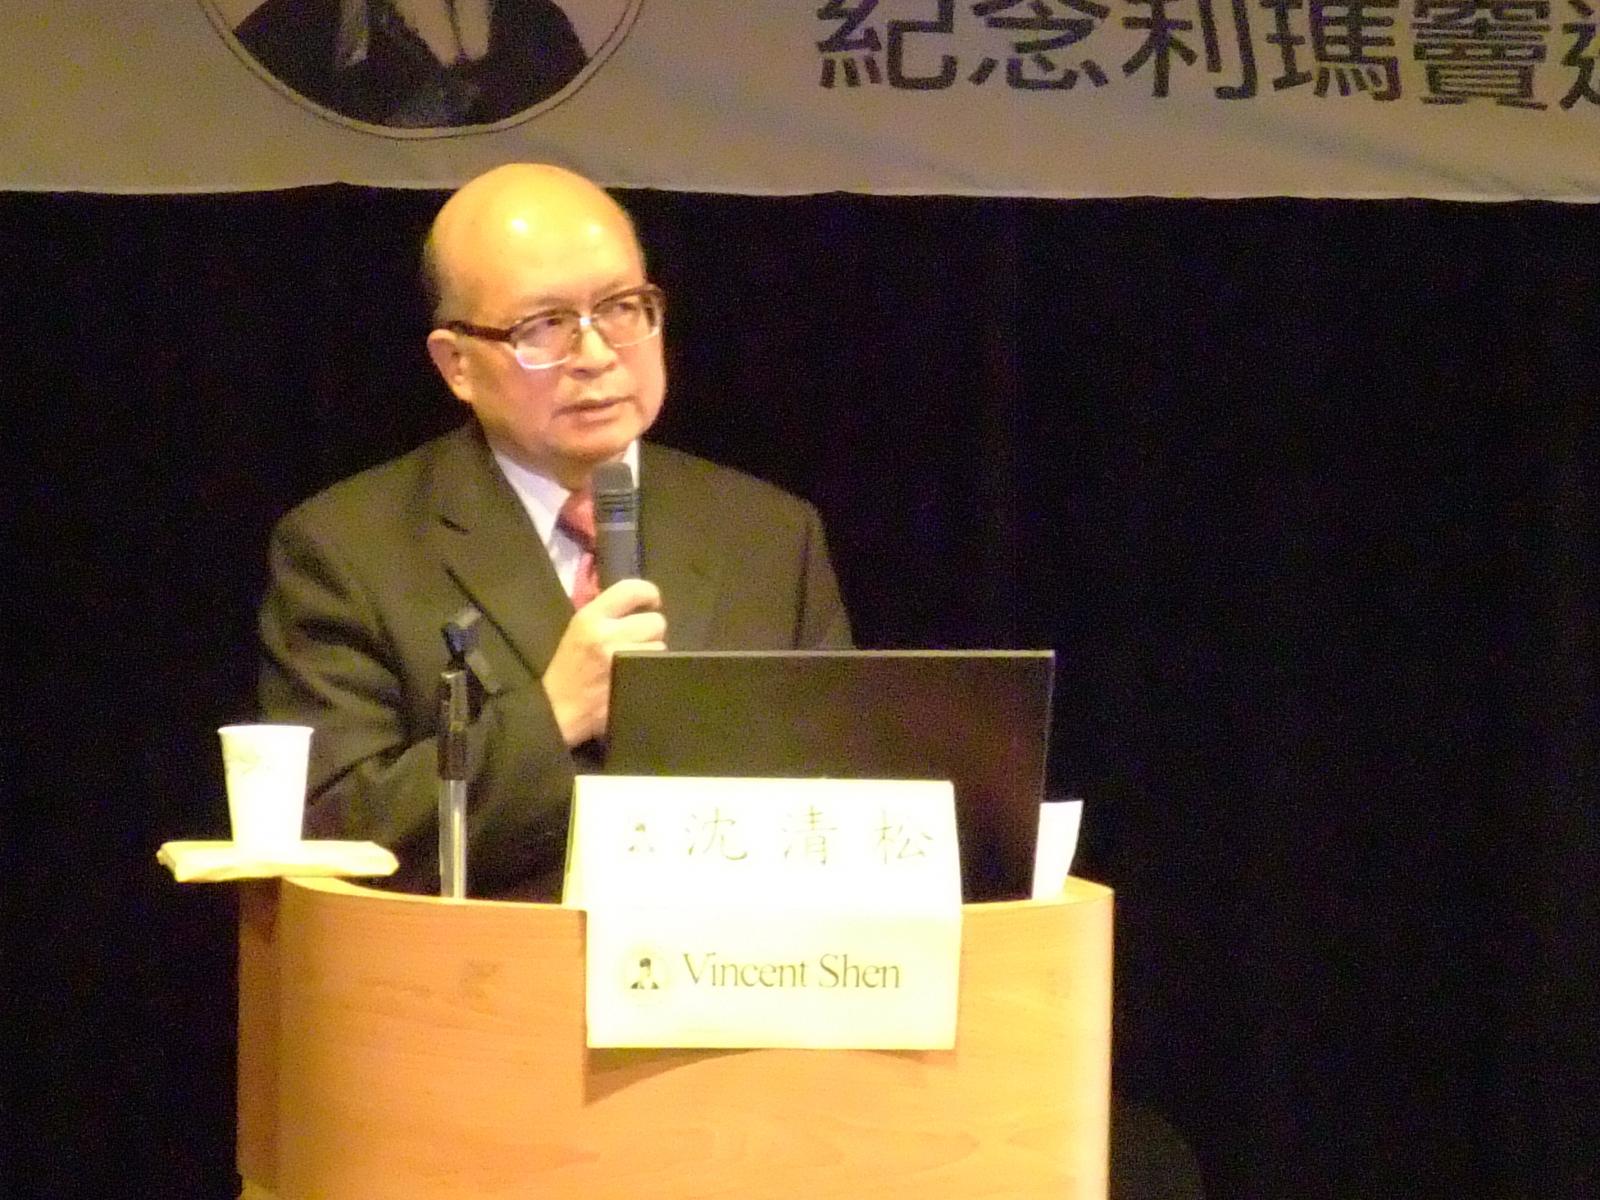 201004紀念利瑪竇逝世四百週年國際學術研討會-12